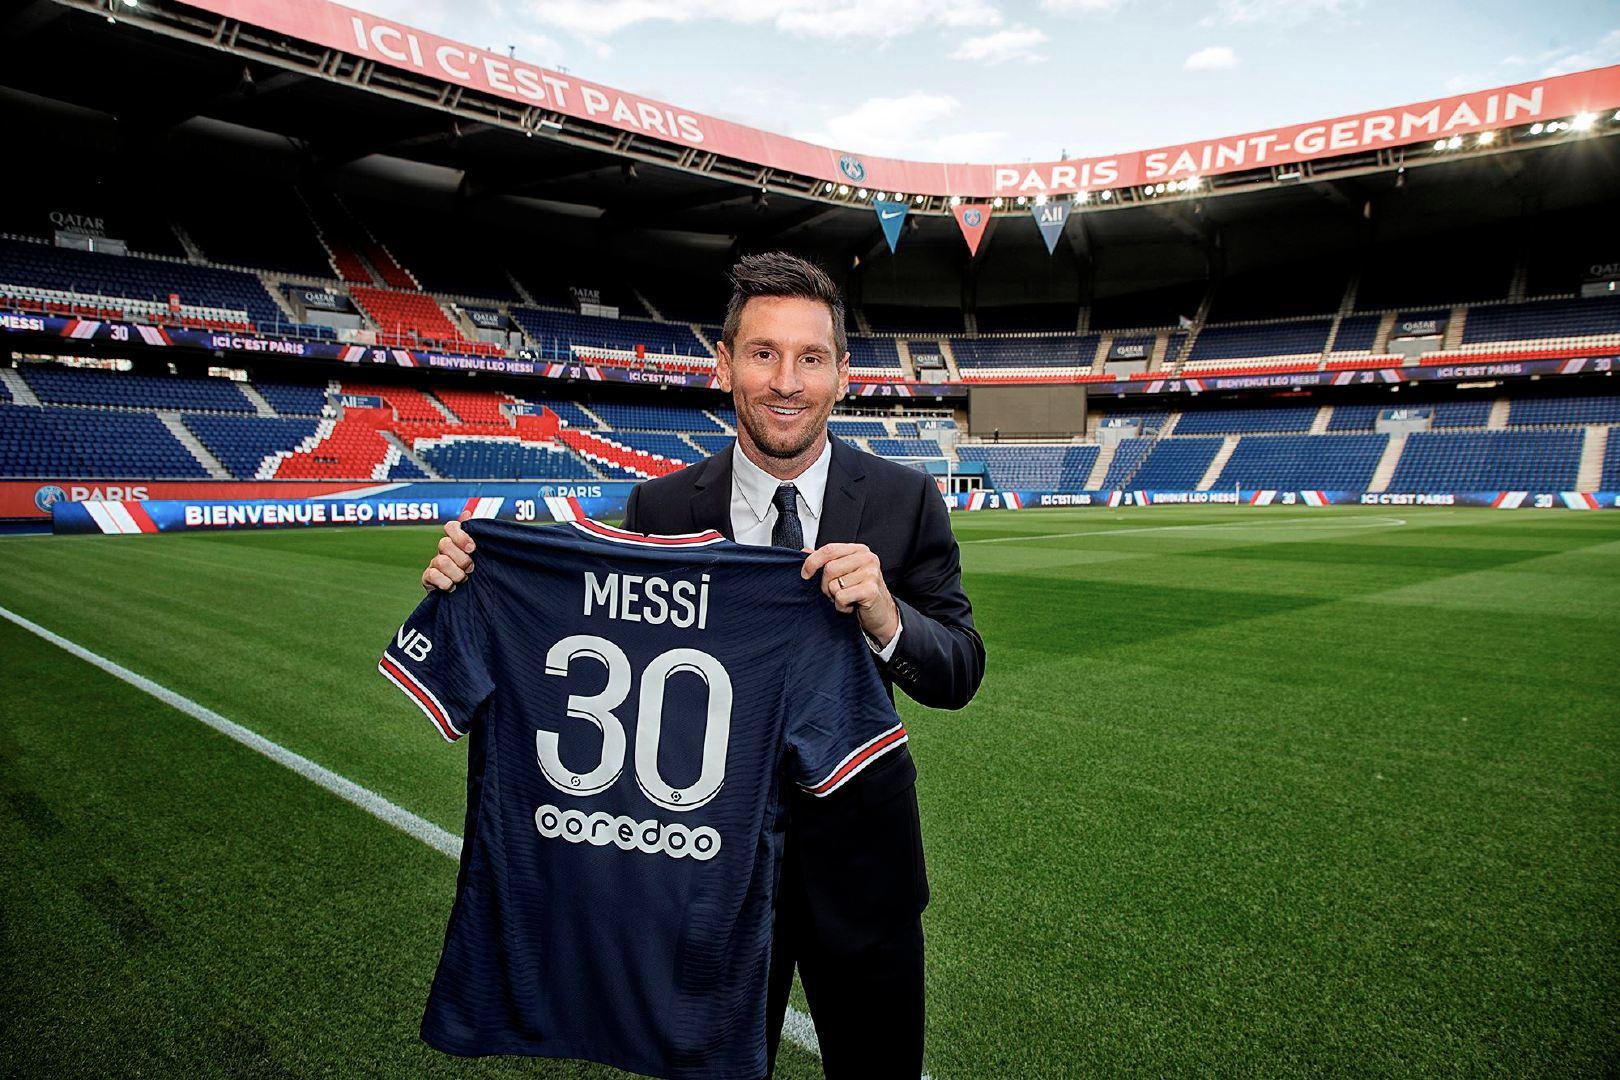 Messi gia nhập Paris Saint-Germain và được người hâm mộ Paris chào đón